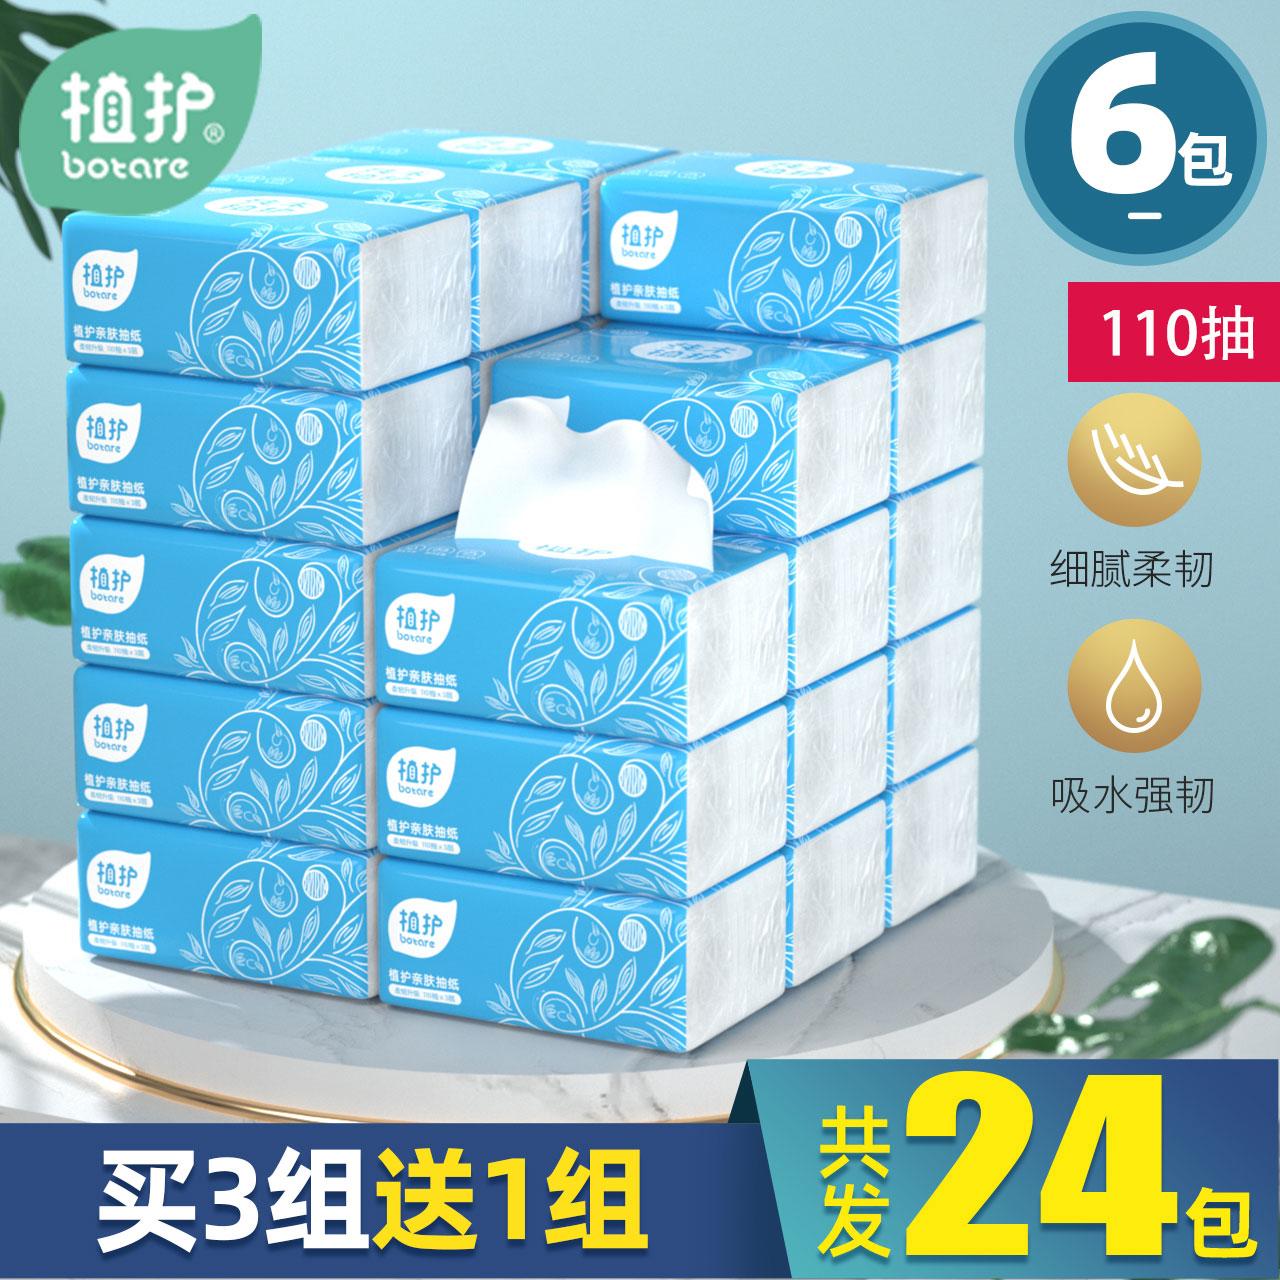 植护纸巾抽纸6包面纸餐巾纸实惠装9.9包邮特价家用卫生纸抽面巾纸